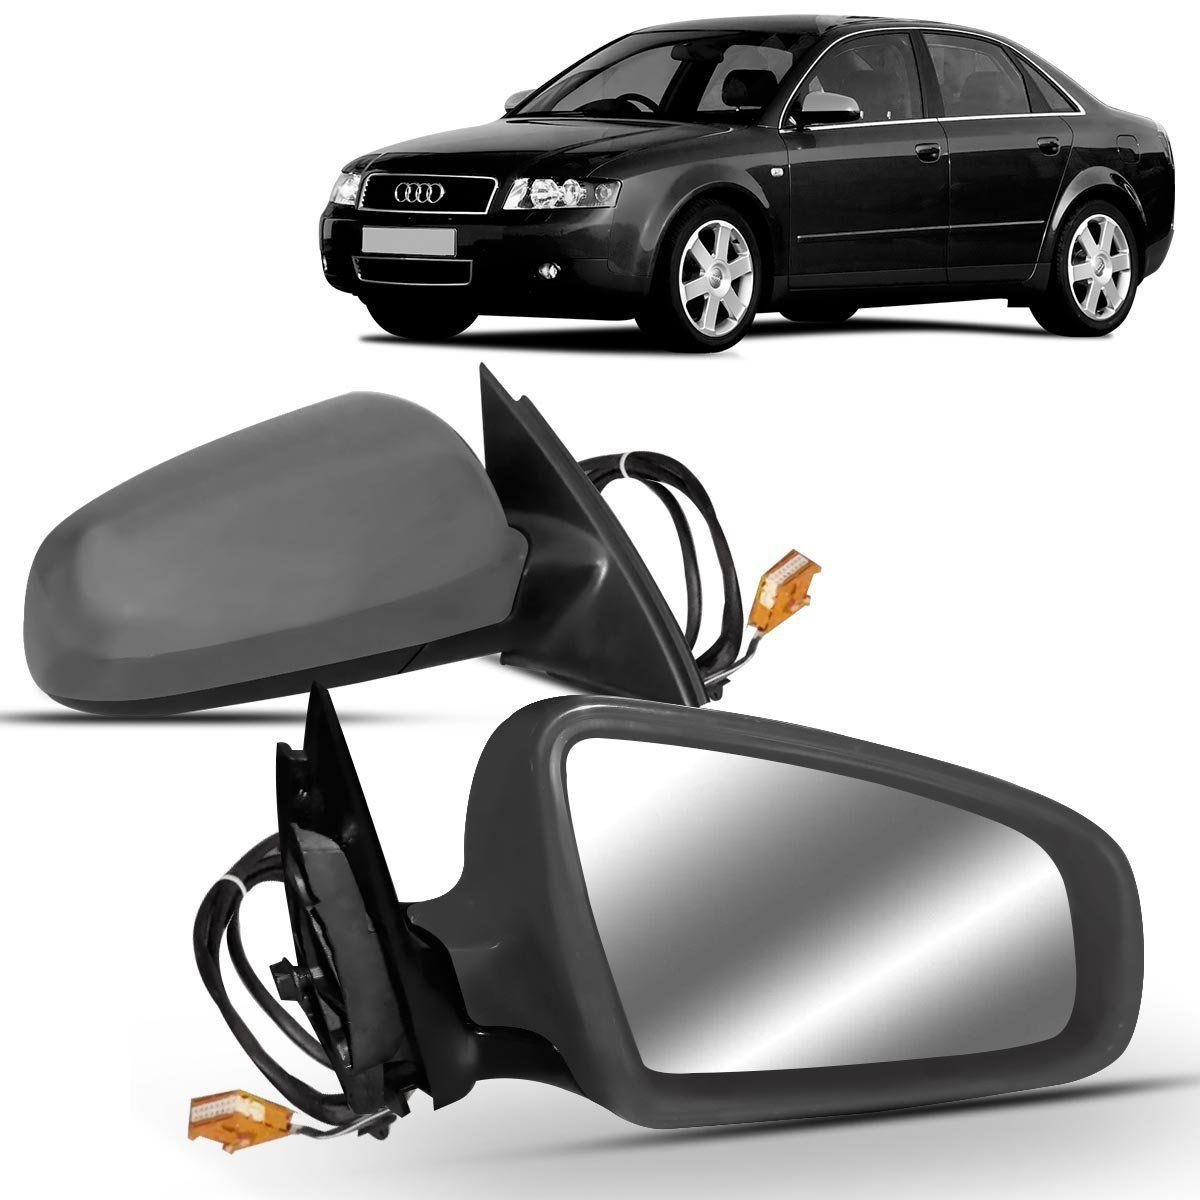 Retrovisor Audi A4 2000 2001 2002 2003 2004 Elétrico Com Desembaçador Primer